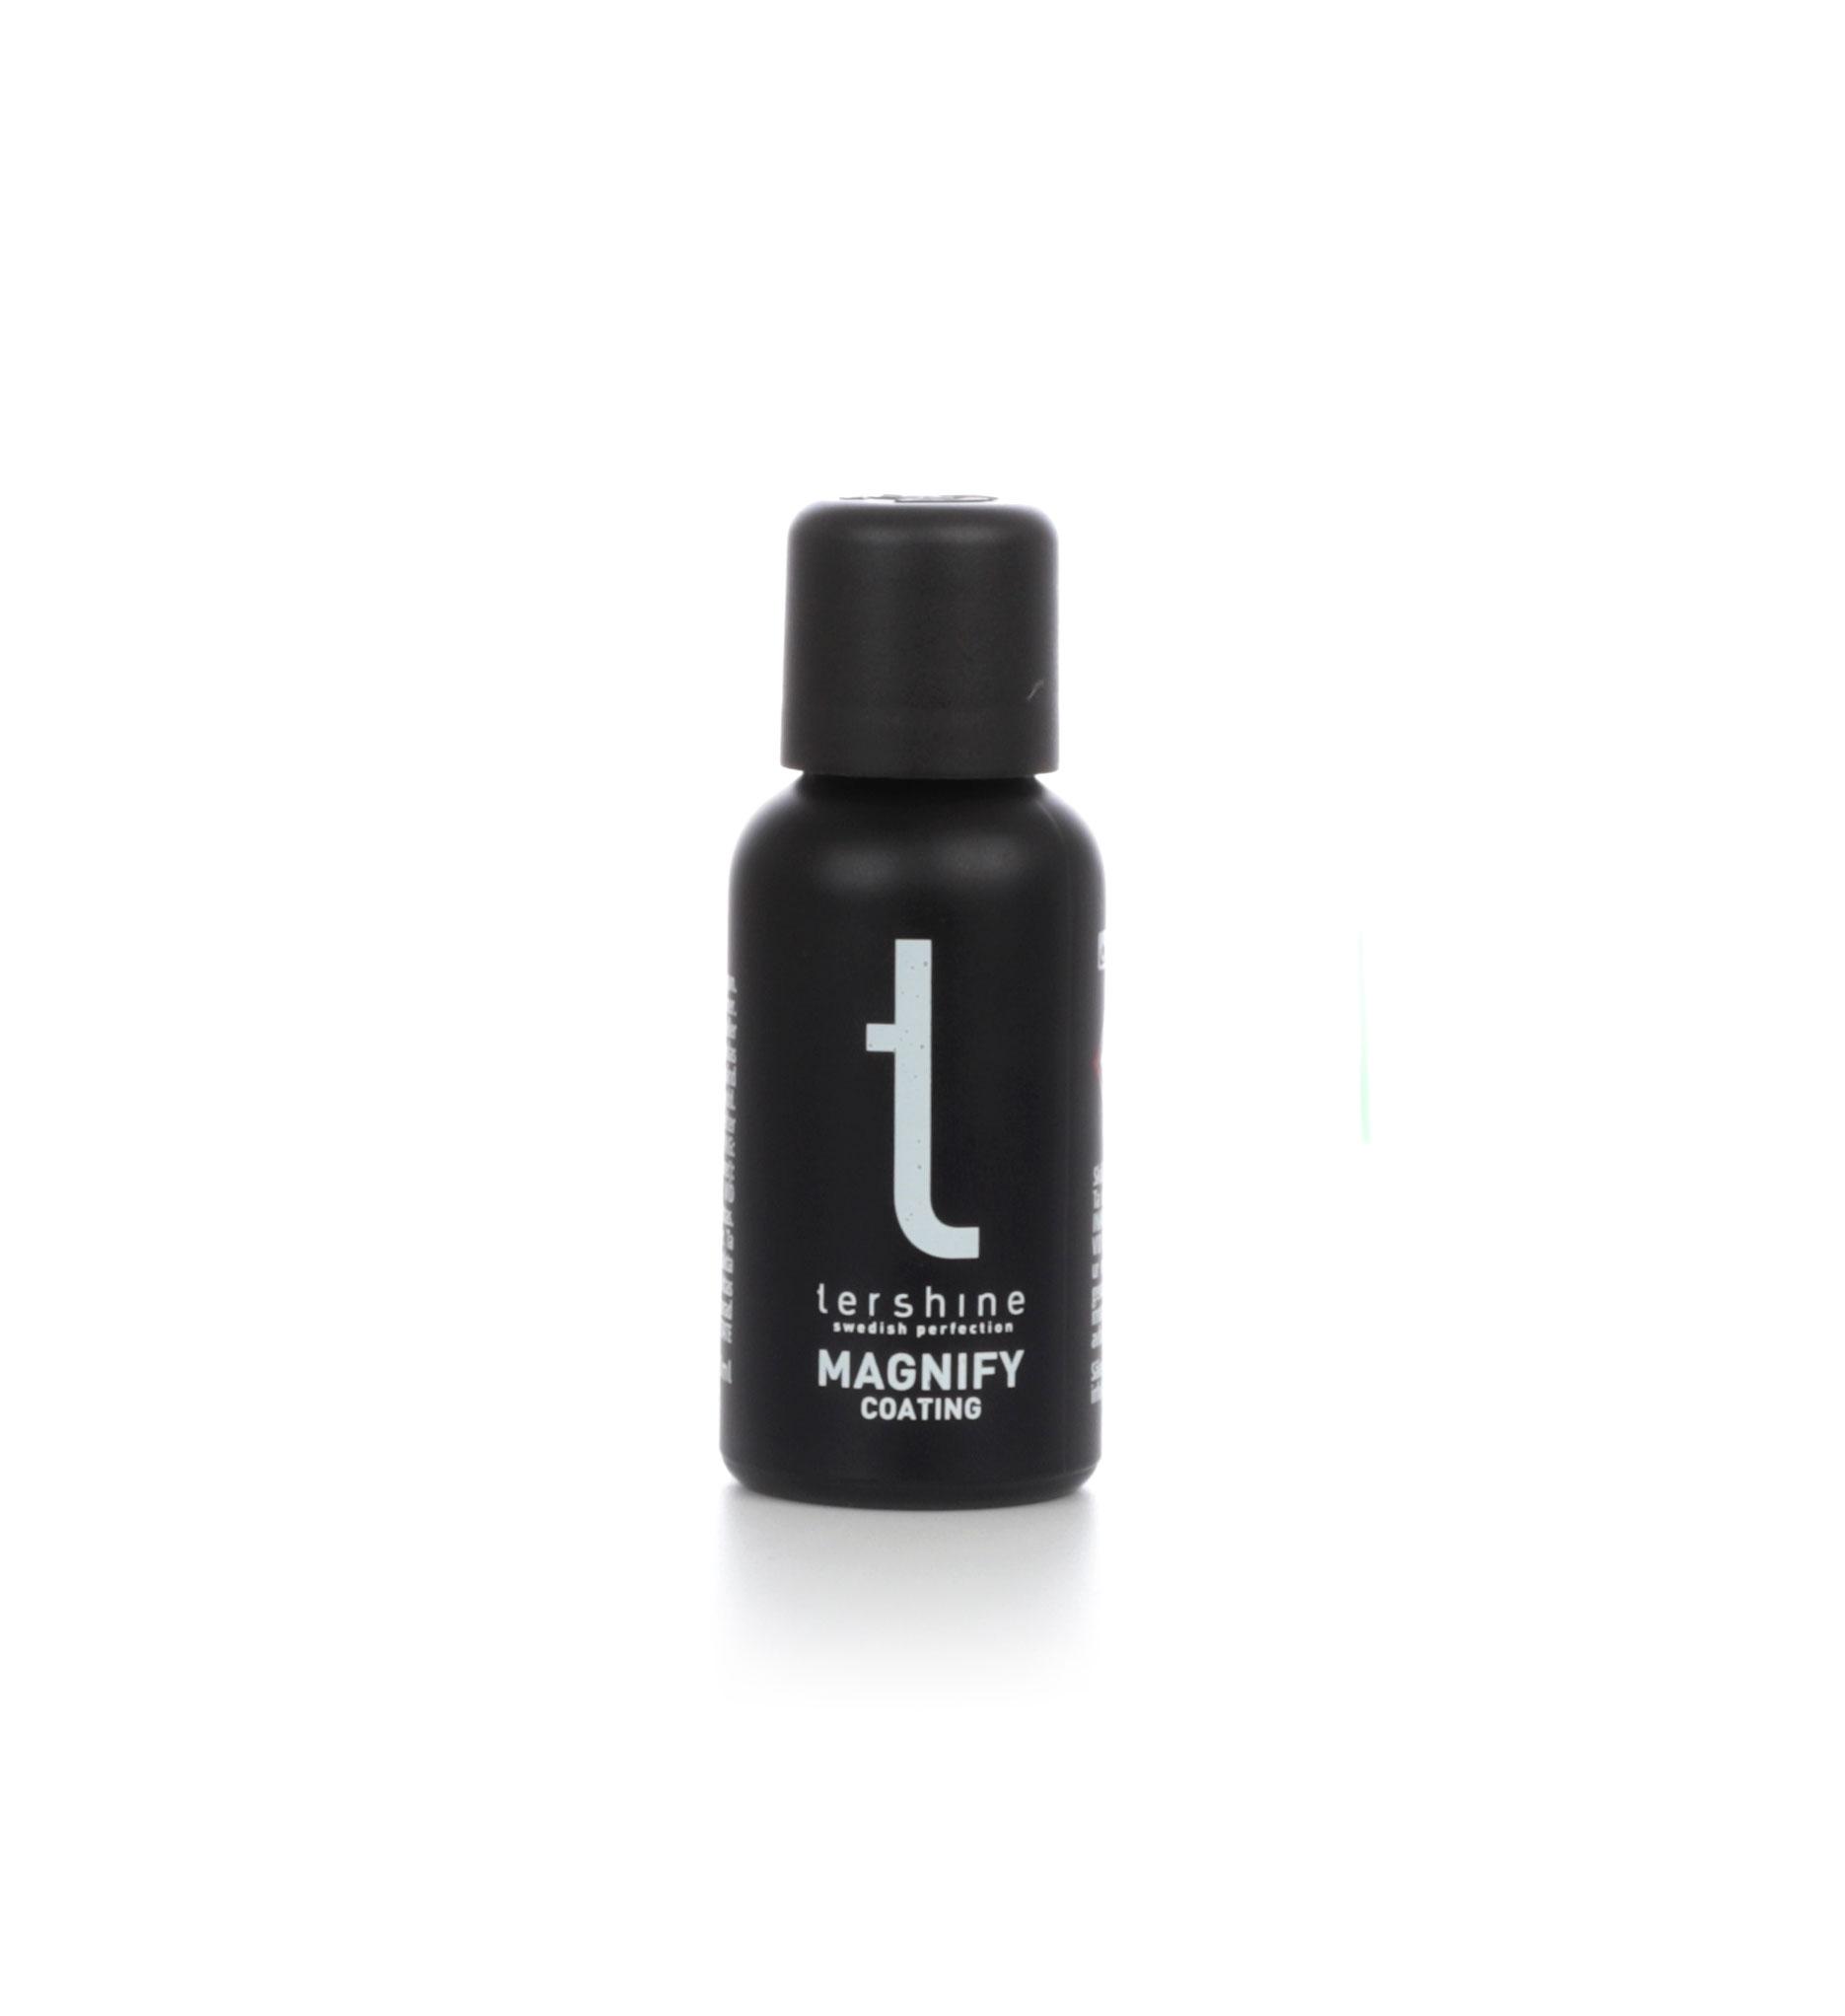 Lackförsegling tershine Magnify Coating, 30 ml, Lackförsegling 30 ml + Mikrofiberdukar